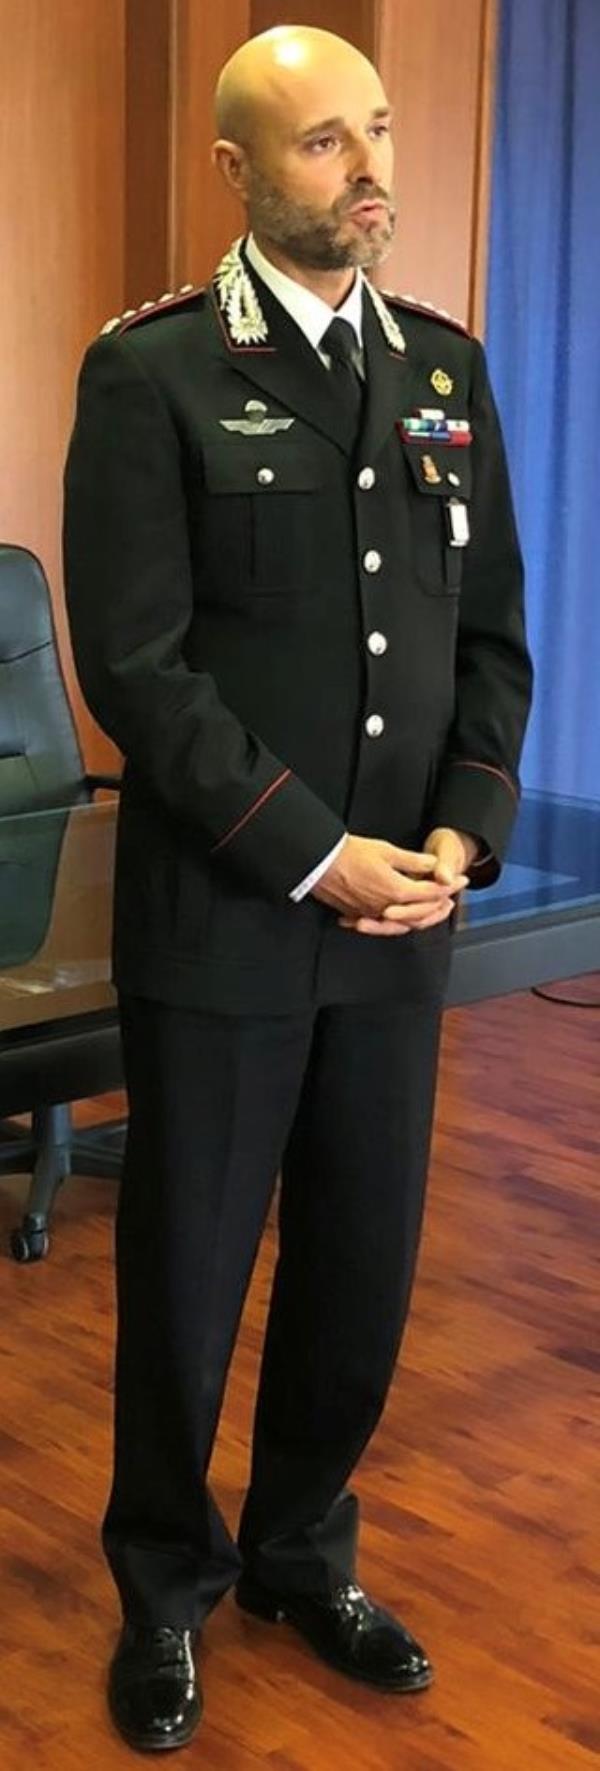 images A Cosenza il Colonnello Sutera lascia il comando provinciale. Il saluto commosso in una lettera